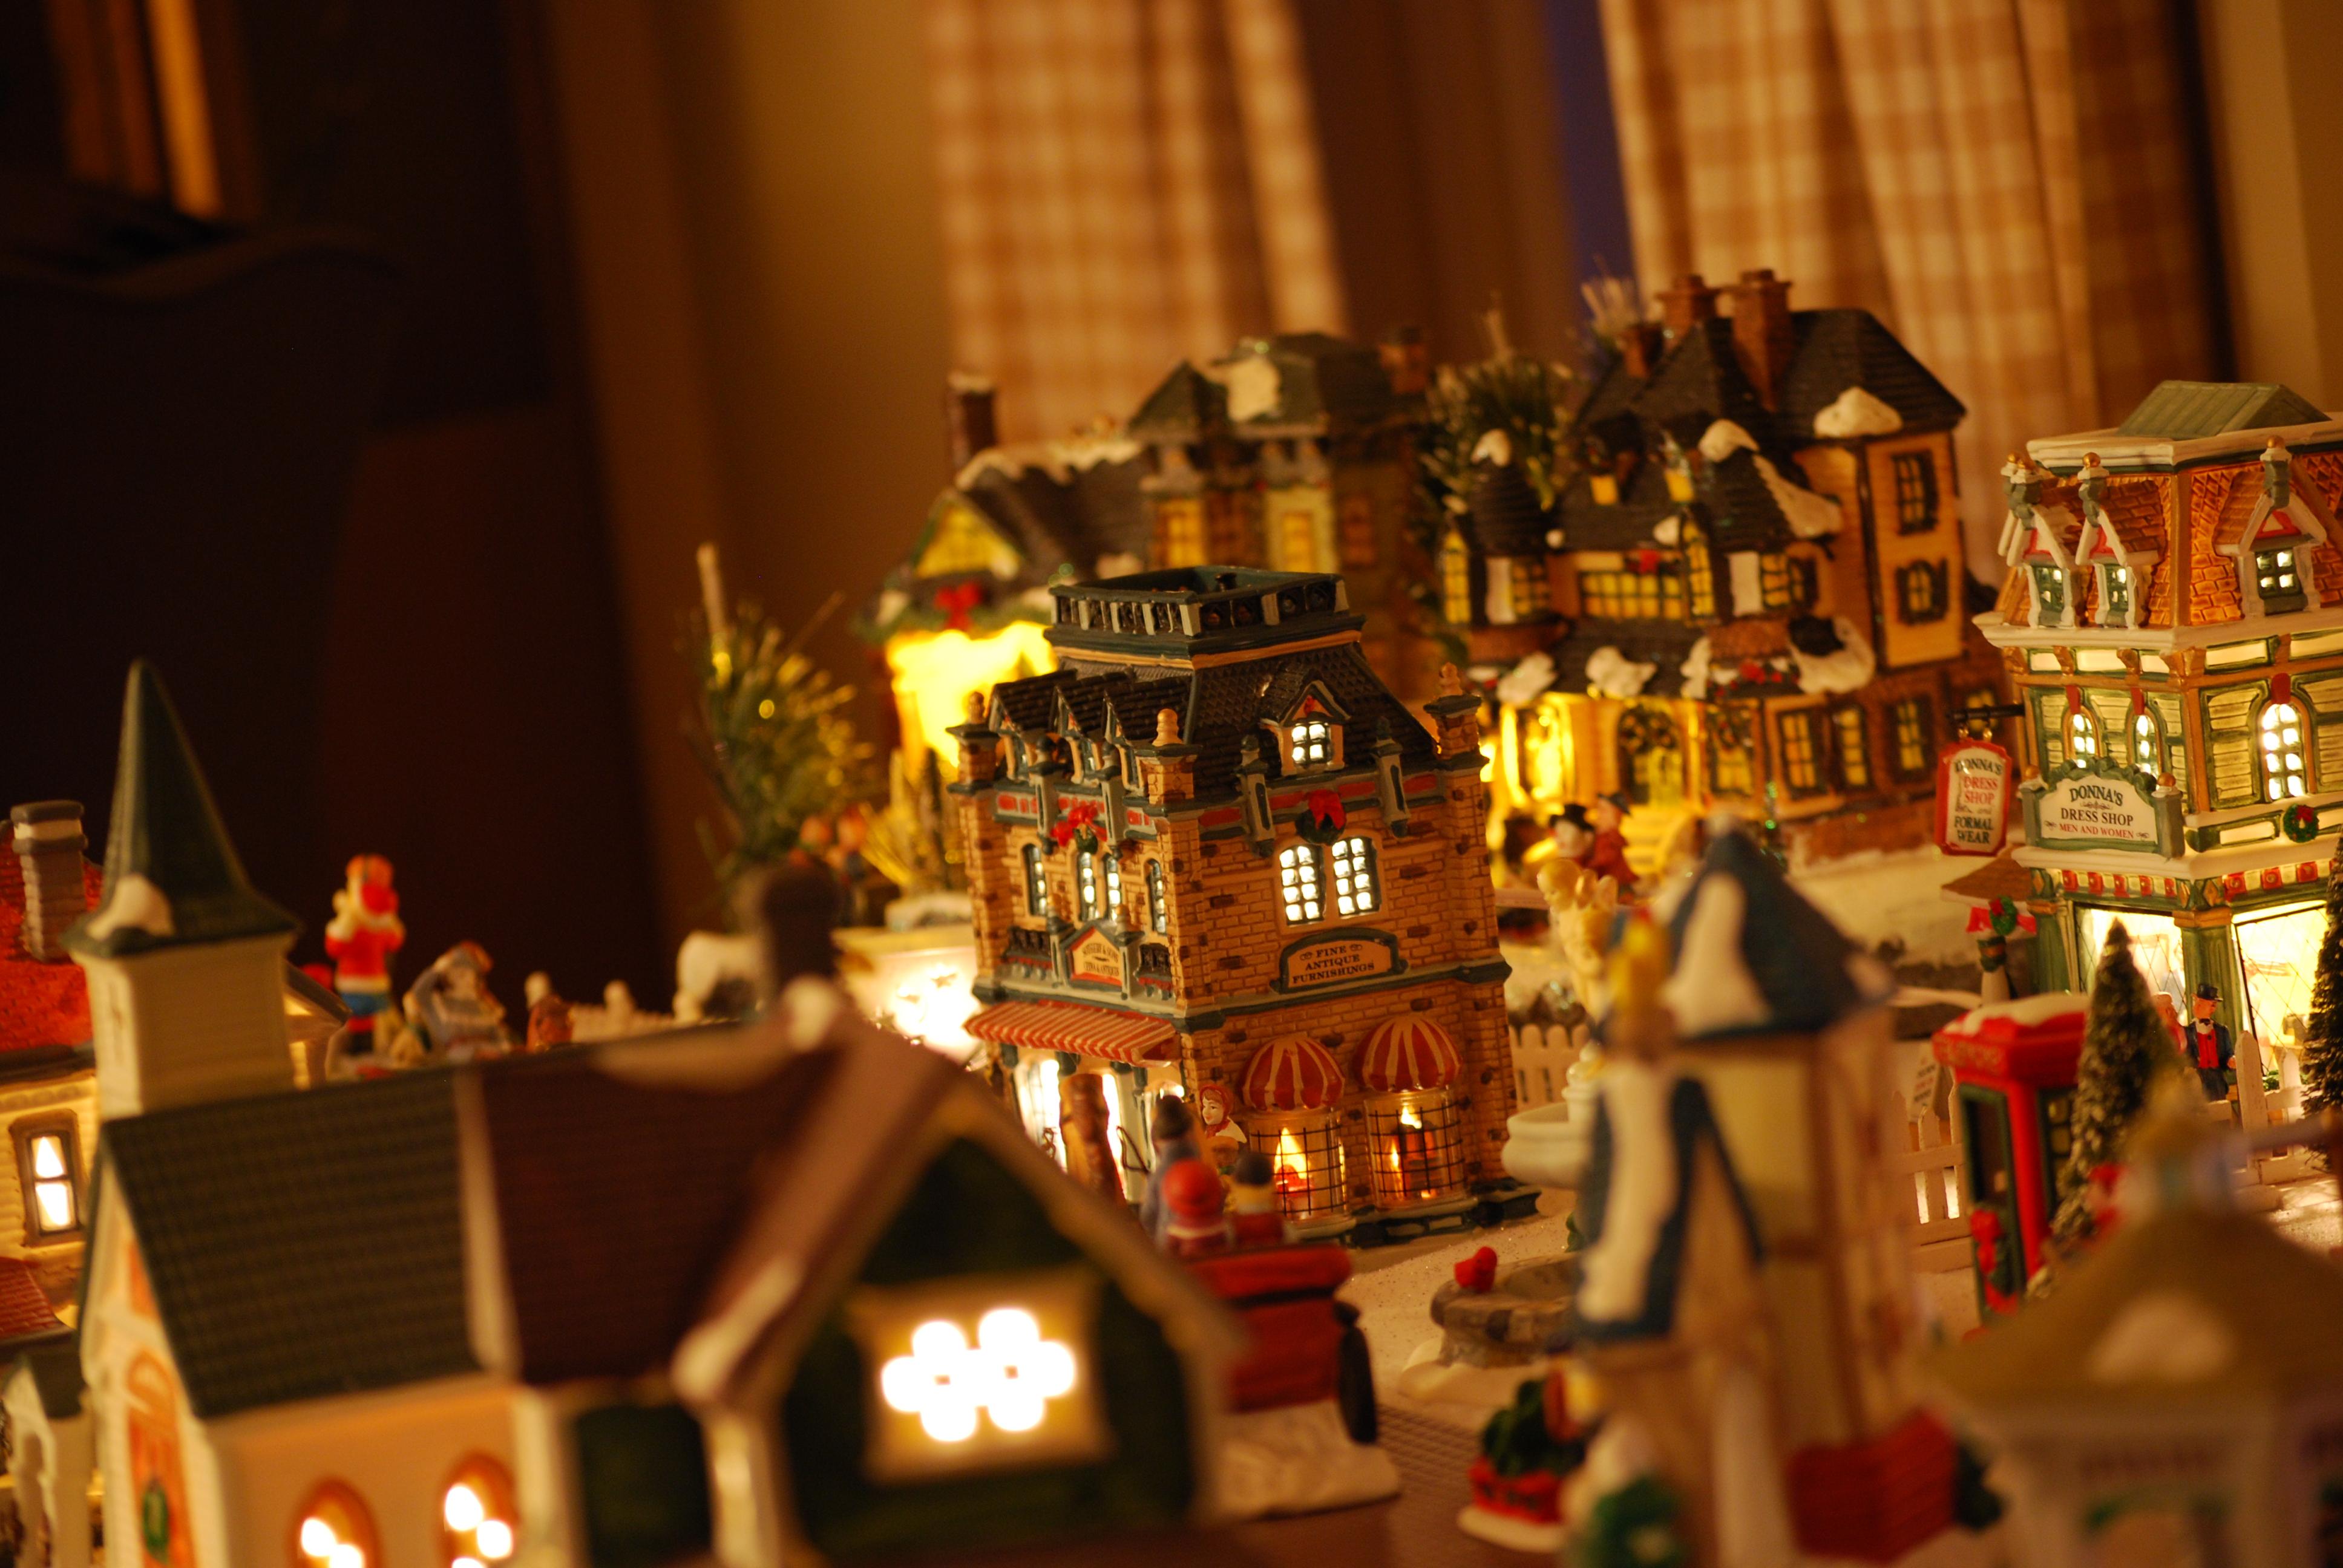 Decori natalizi: tante idee da acquistare o fare in casa